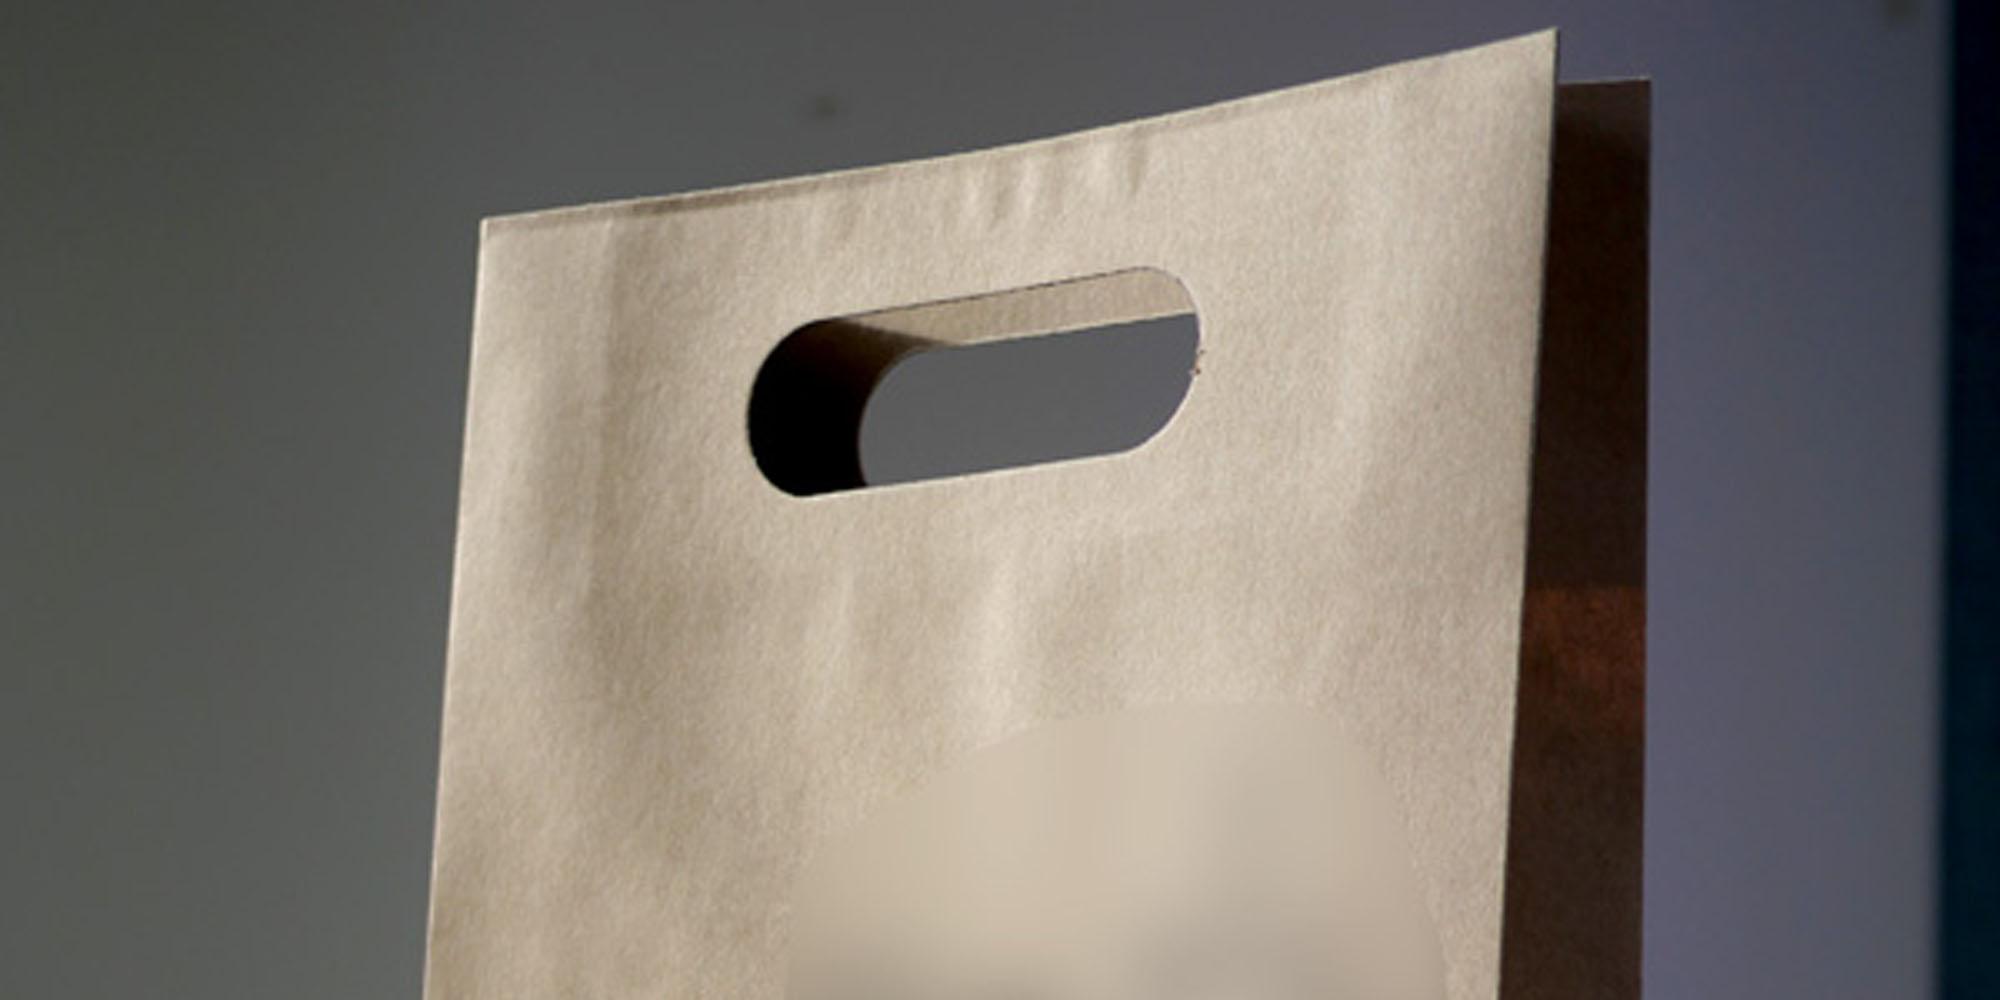 オープンキャンパスでの来場学生用、小判穴持ち手の手提げ紙袋(クラフト紙茶色仕様)